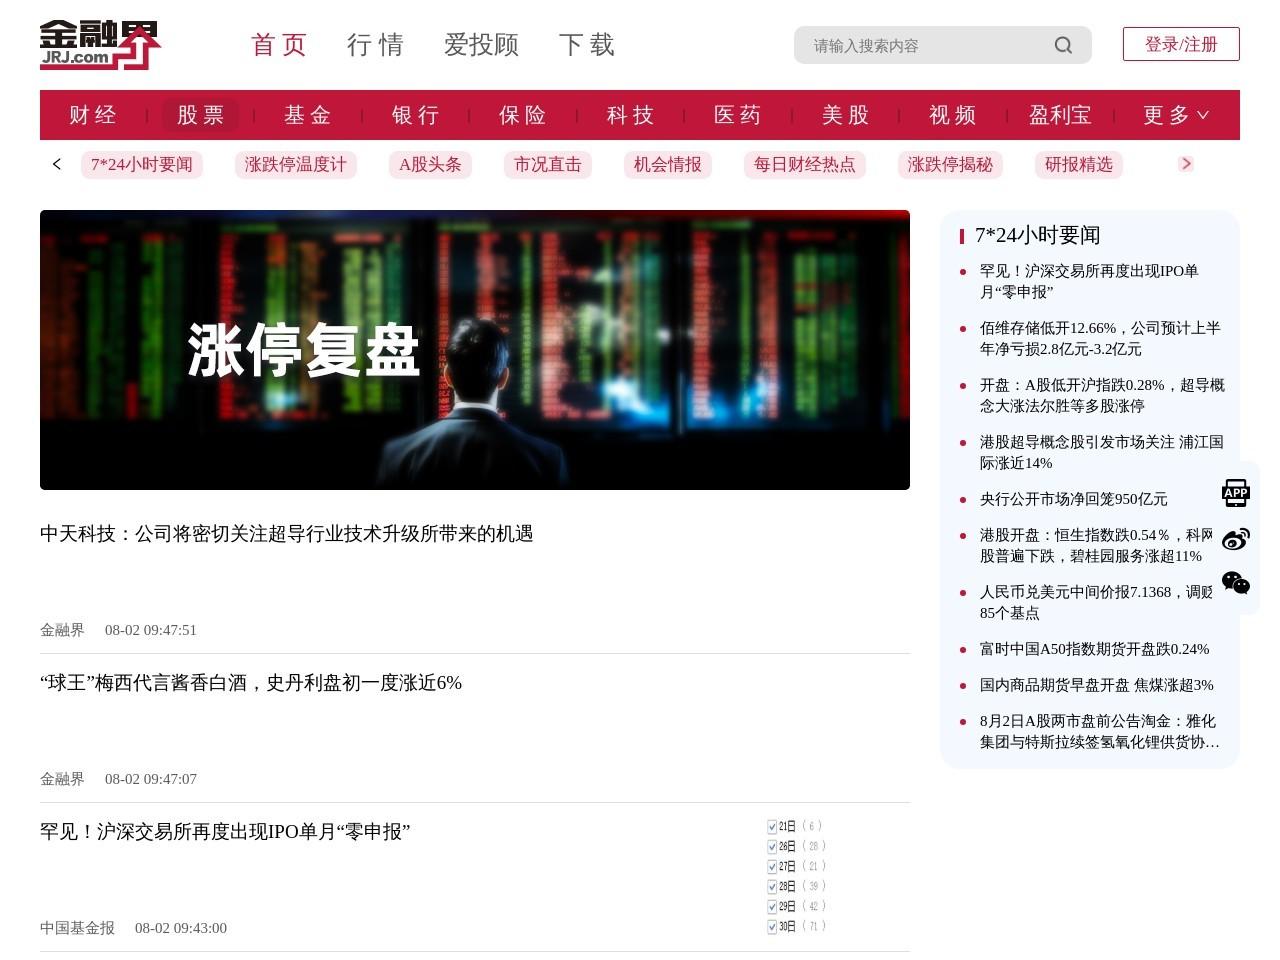 鹏欣资源(600490)龙虎榜单-行情中心-股票频道-金融界